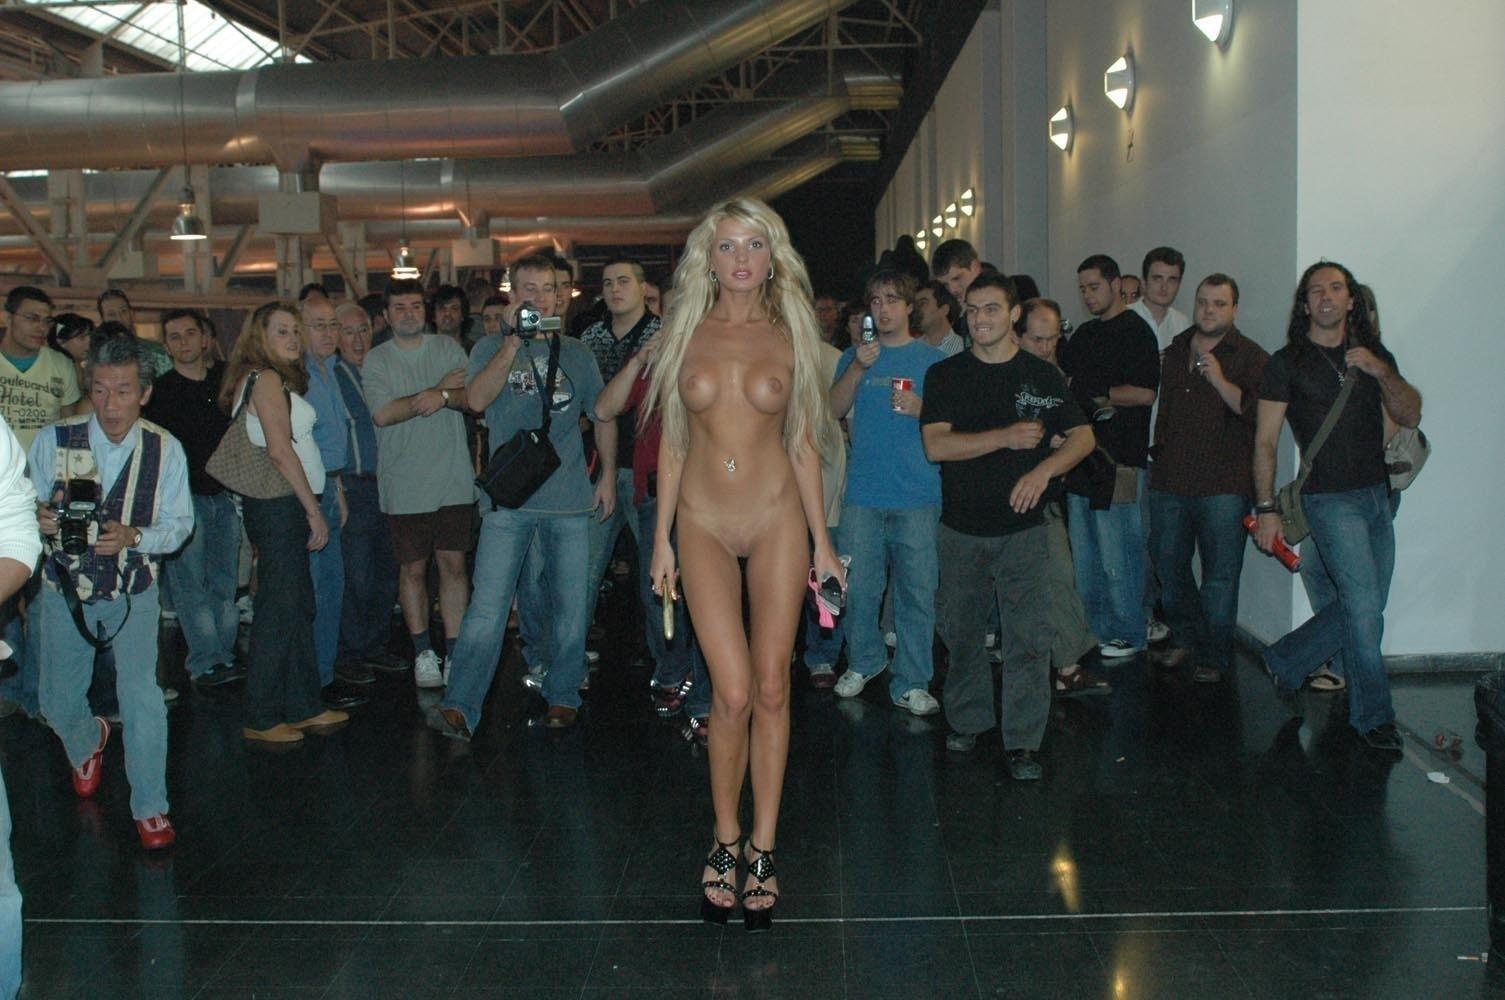 Фото голое дефиле, Голые манекенщицы на подиуме фото 11 фотография